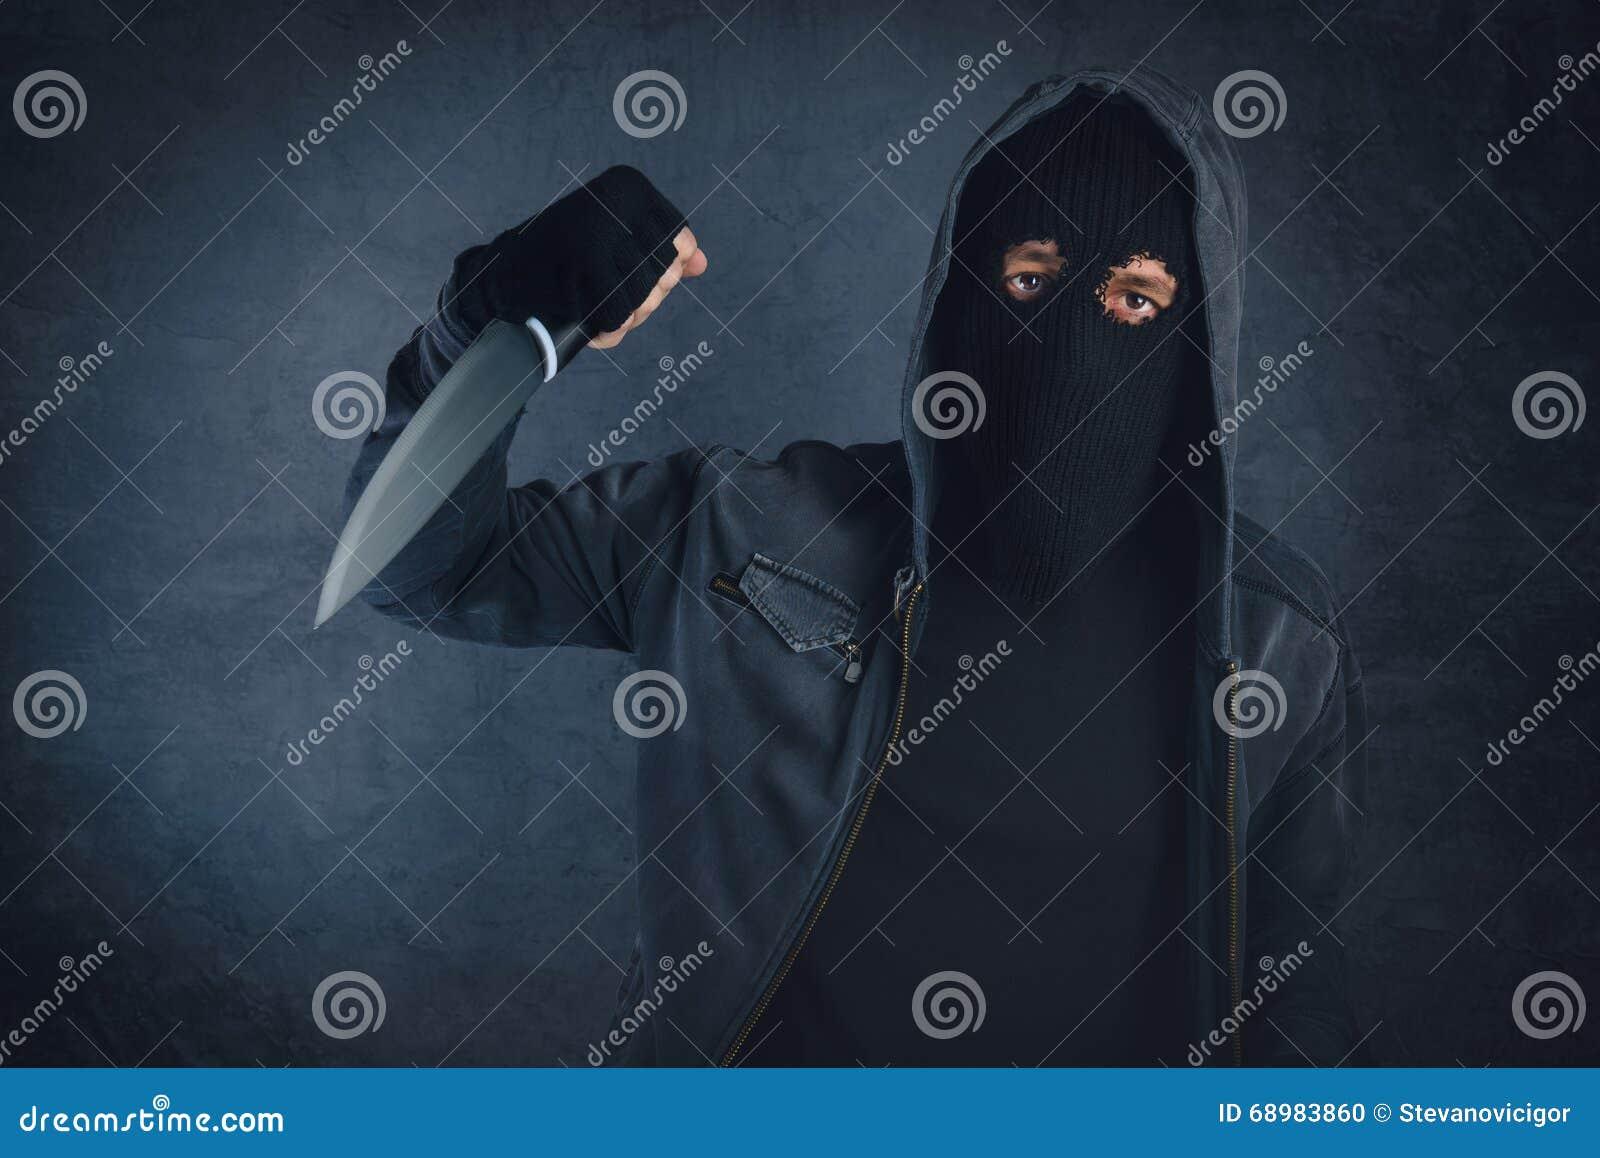 Przestępca z ostrym nożem threating, ofiara punkt widzenia